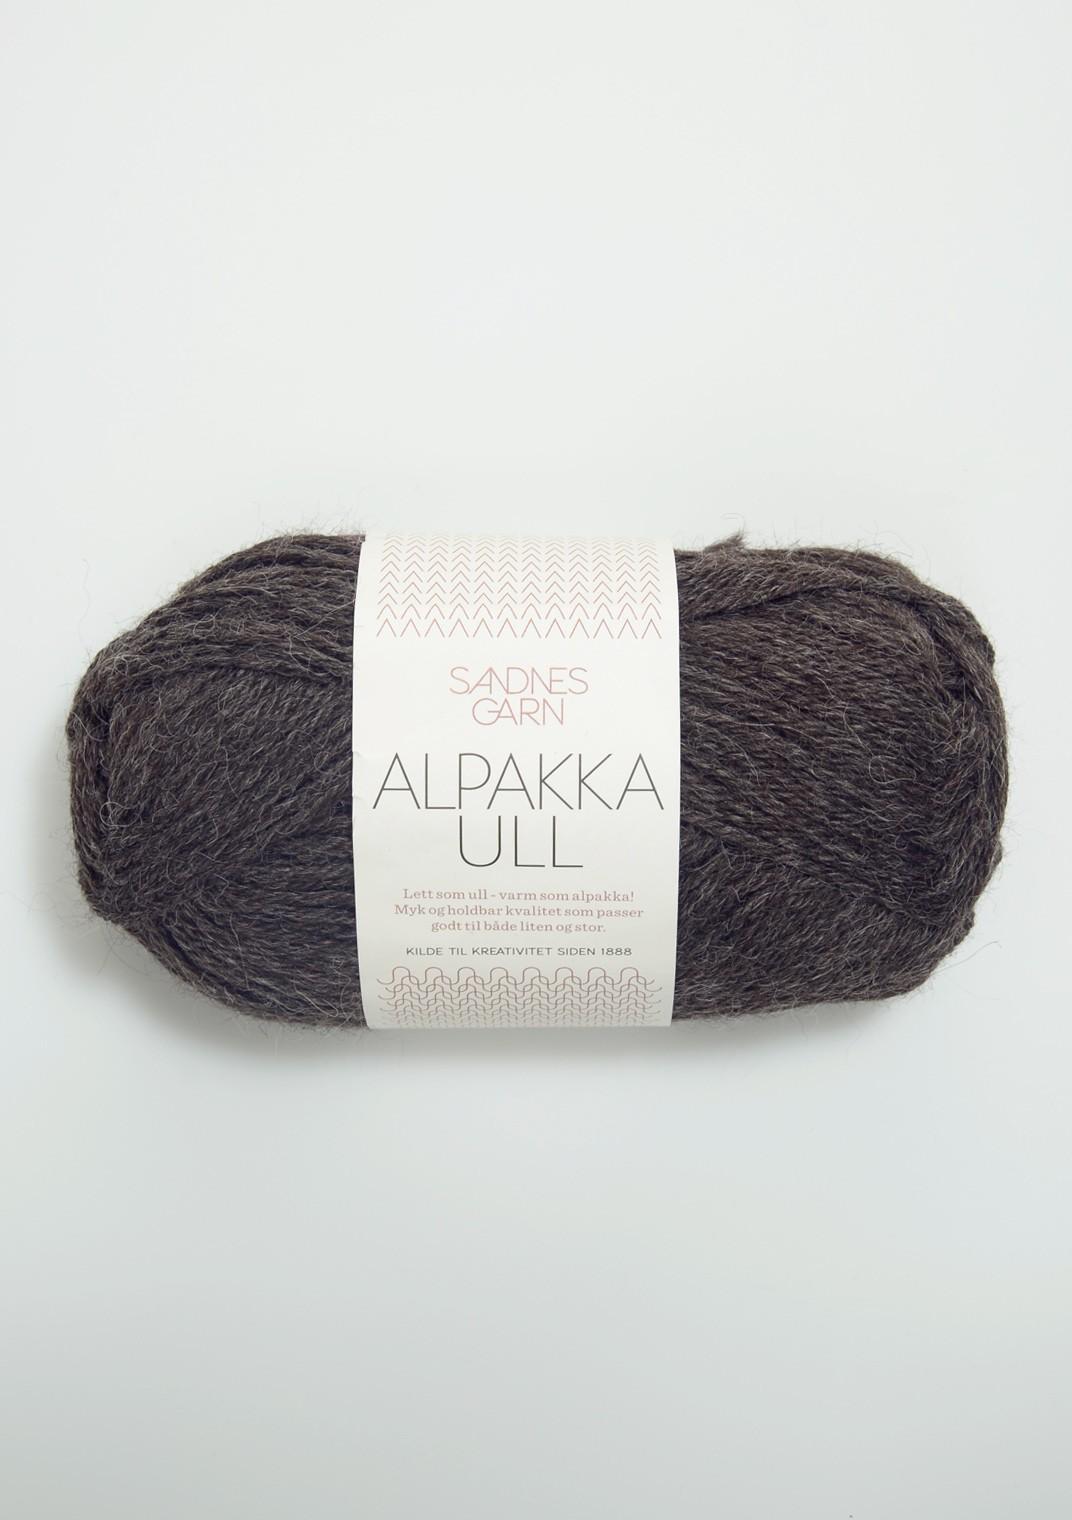 Alpakka ull, Sandnes Garn